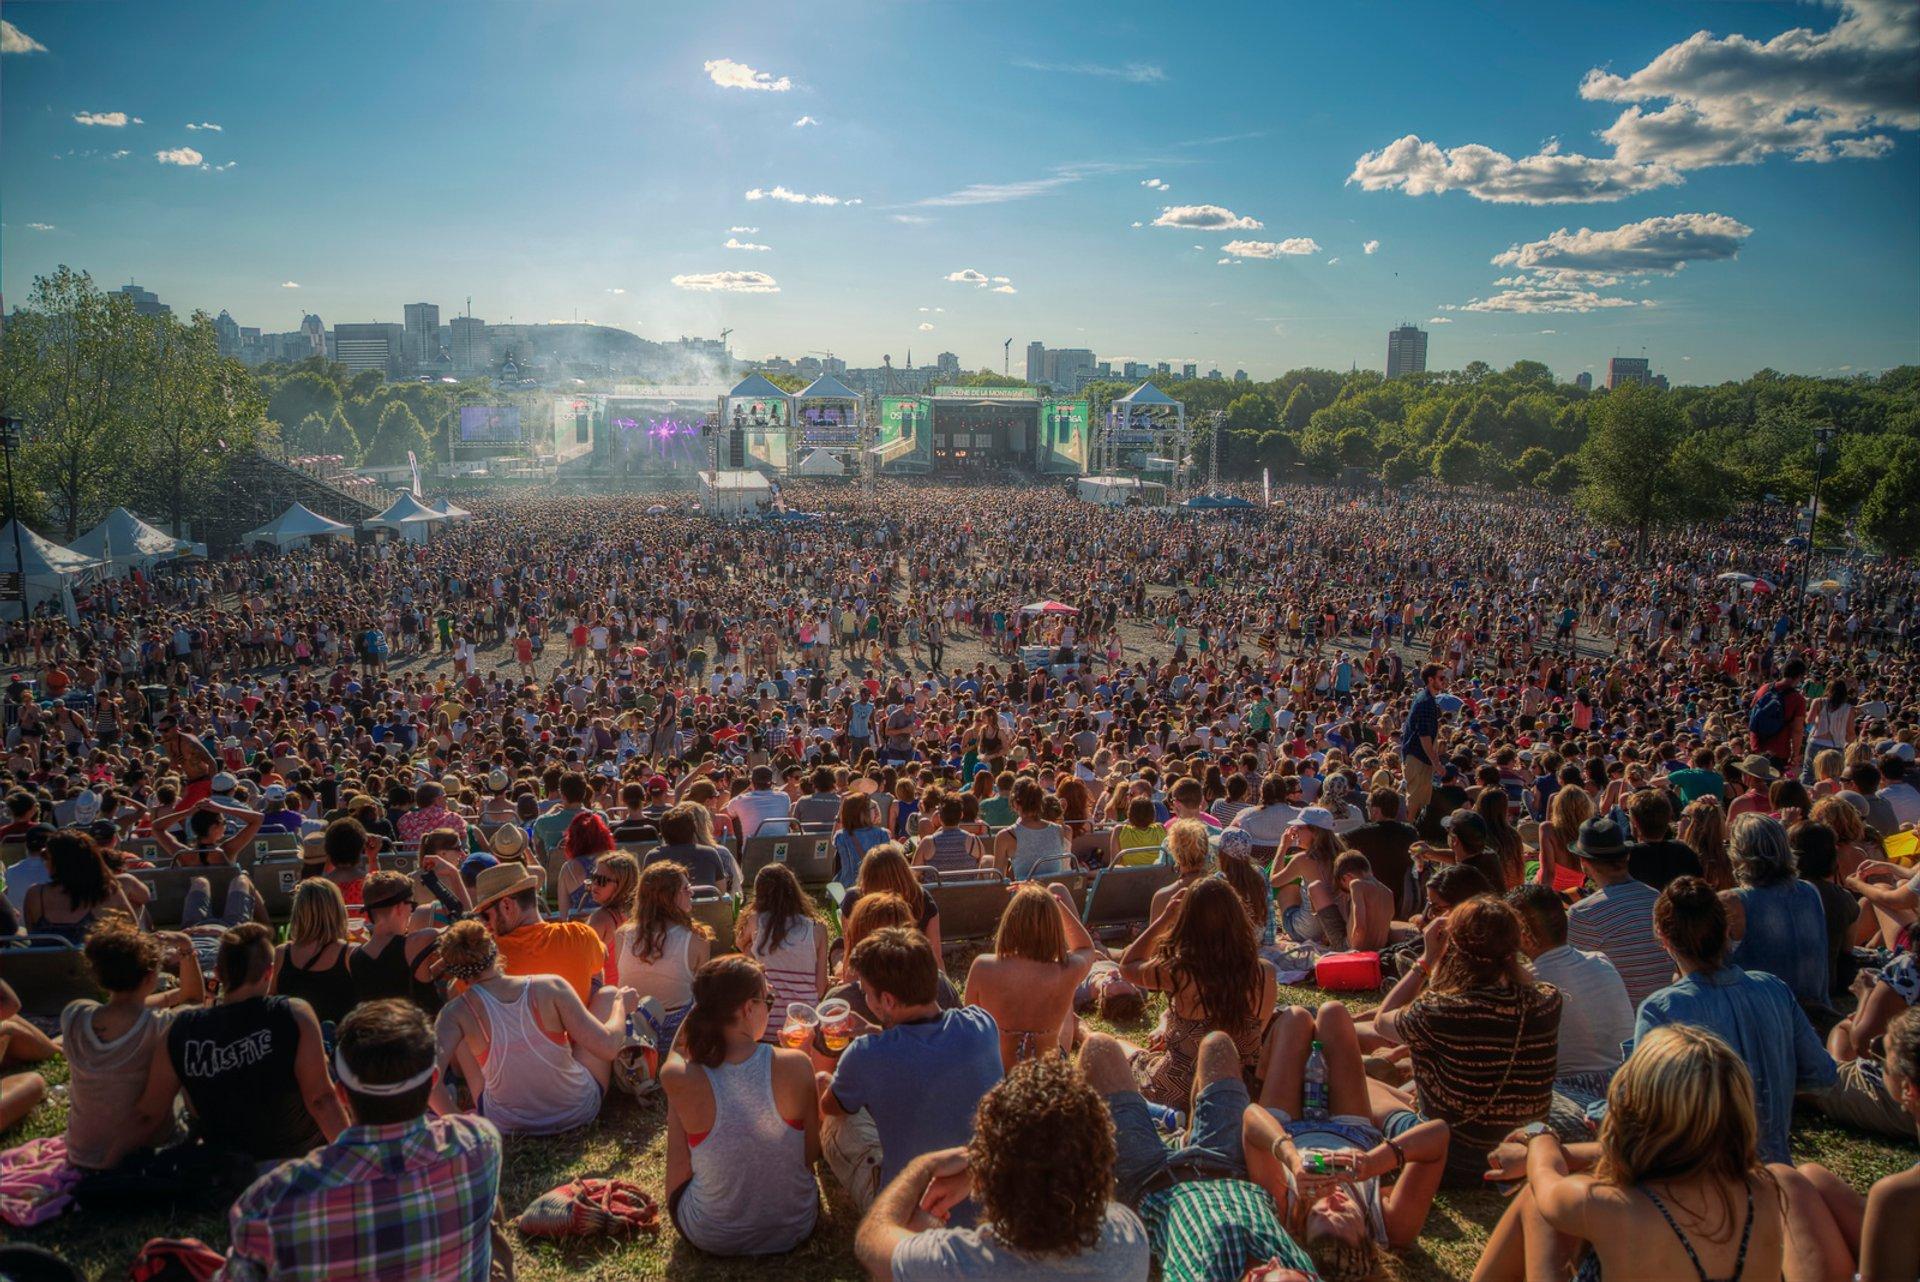 Osheaga Music Festival in Quebec 2020 - Best Time